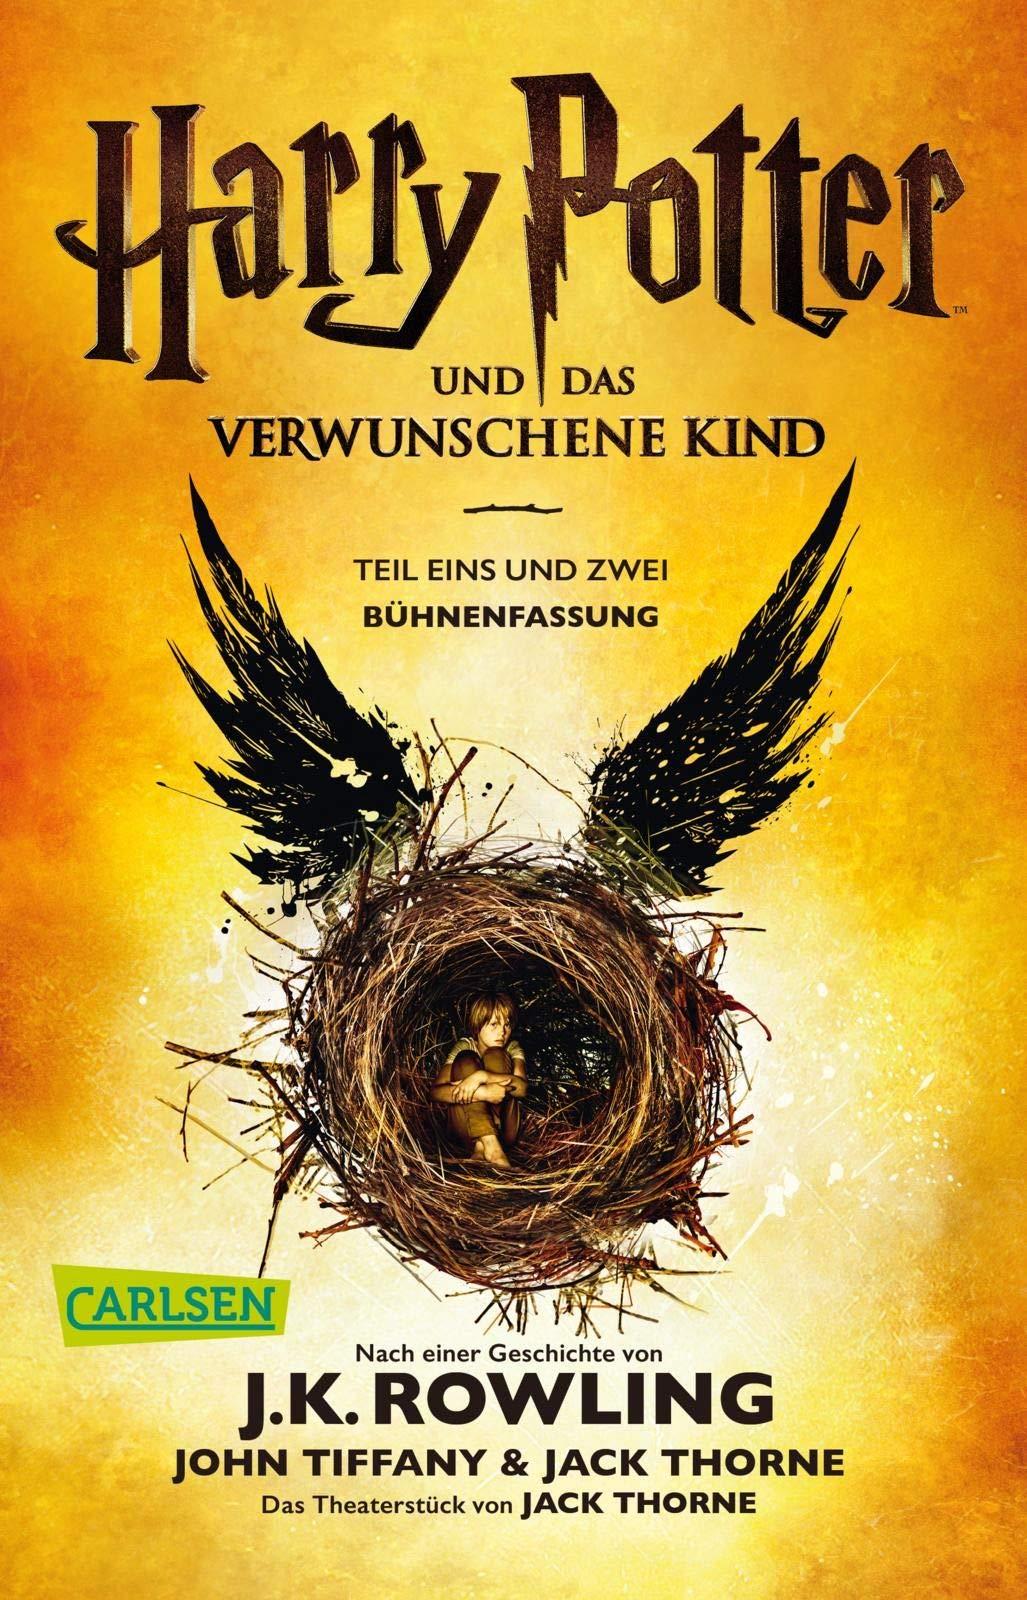 Harry Potter Und Das Verwunschene Kind Teil Eins Und Zwei Buhnenfassung Harry Potter 9783551318367 Amazon Com Books